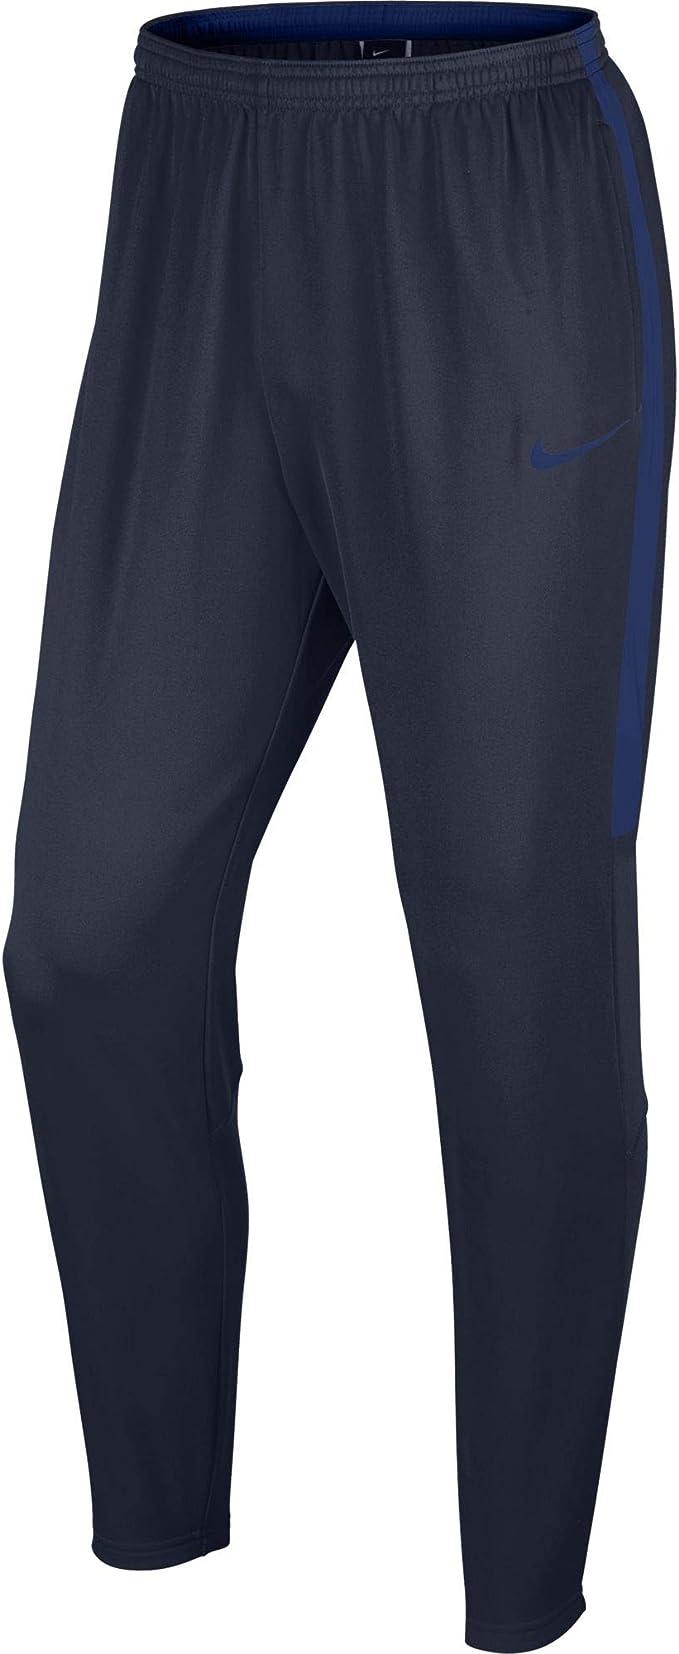 NIKE M Nk Dry Acdmy Pant Kpz - Pantalón Hombre: Amazon.es: Ropa y accesorios